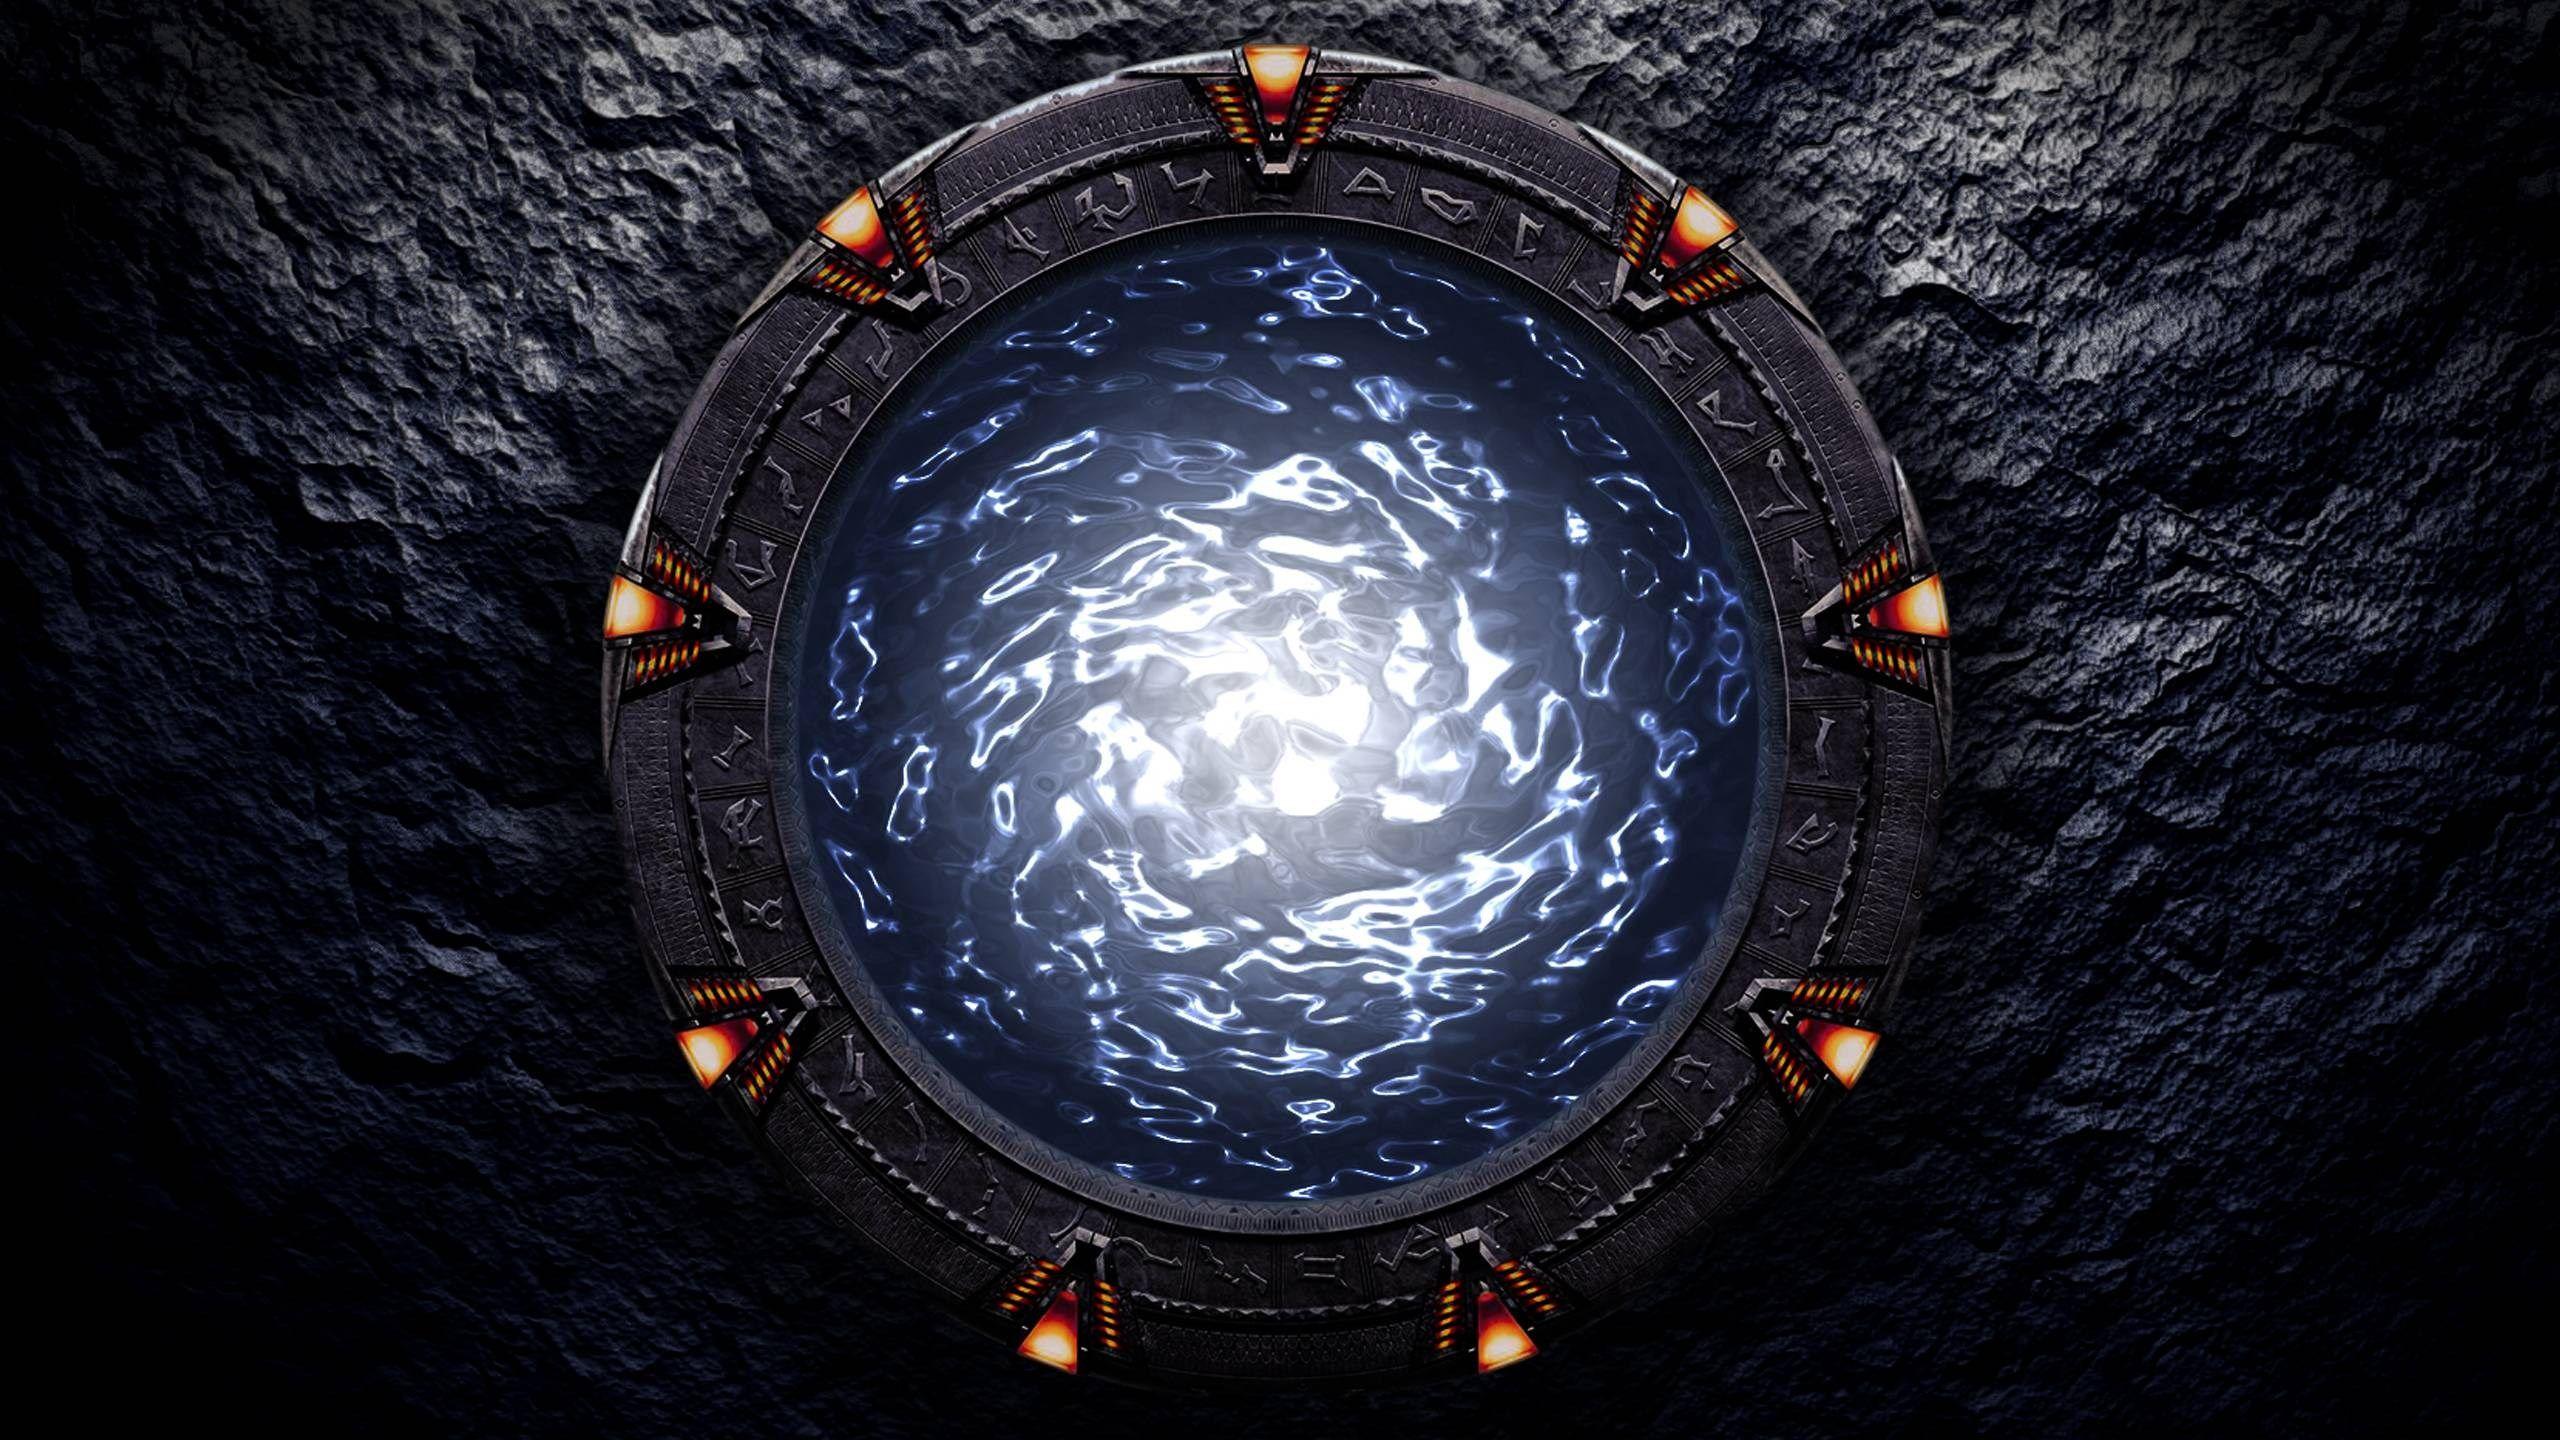 2560x1440 Wallpaper For Desktop Stargate Sg 1 Stargate